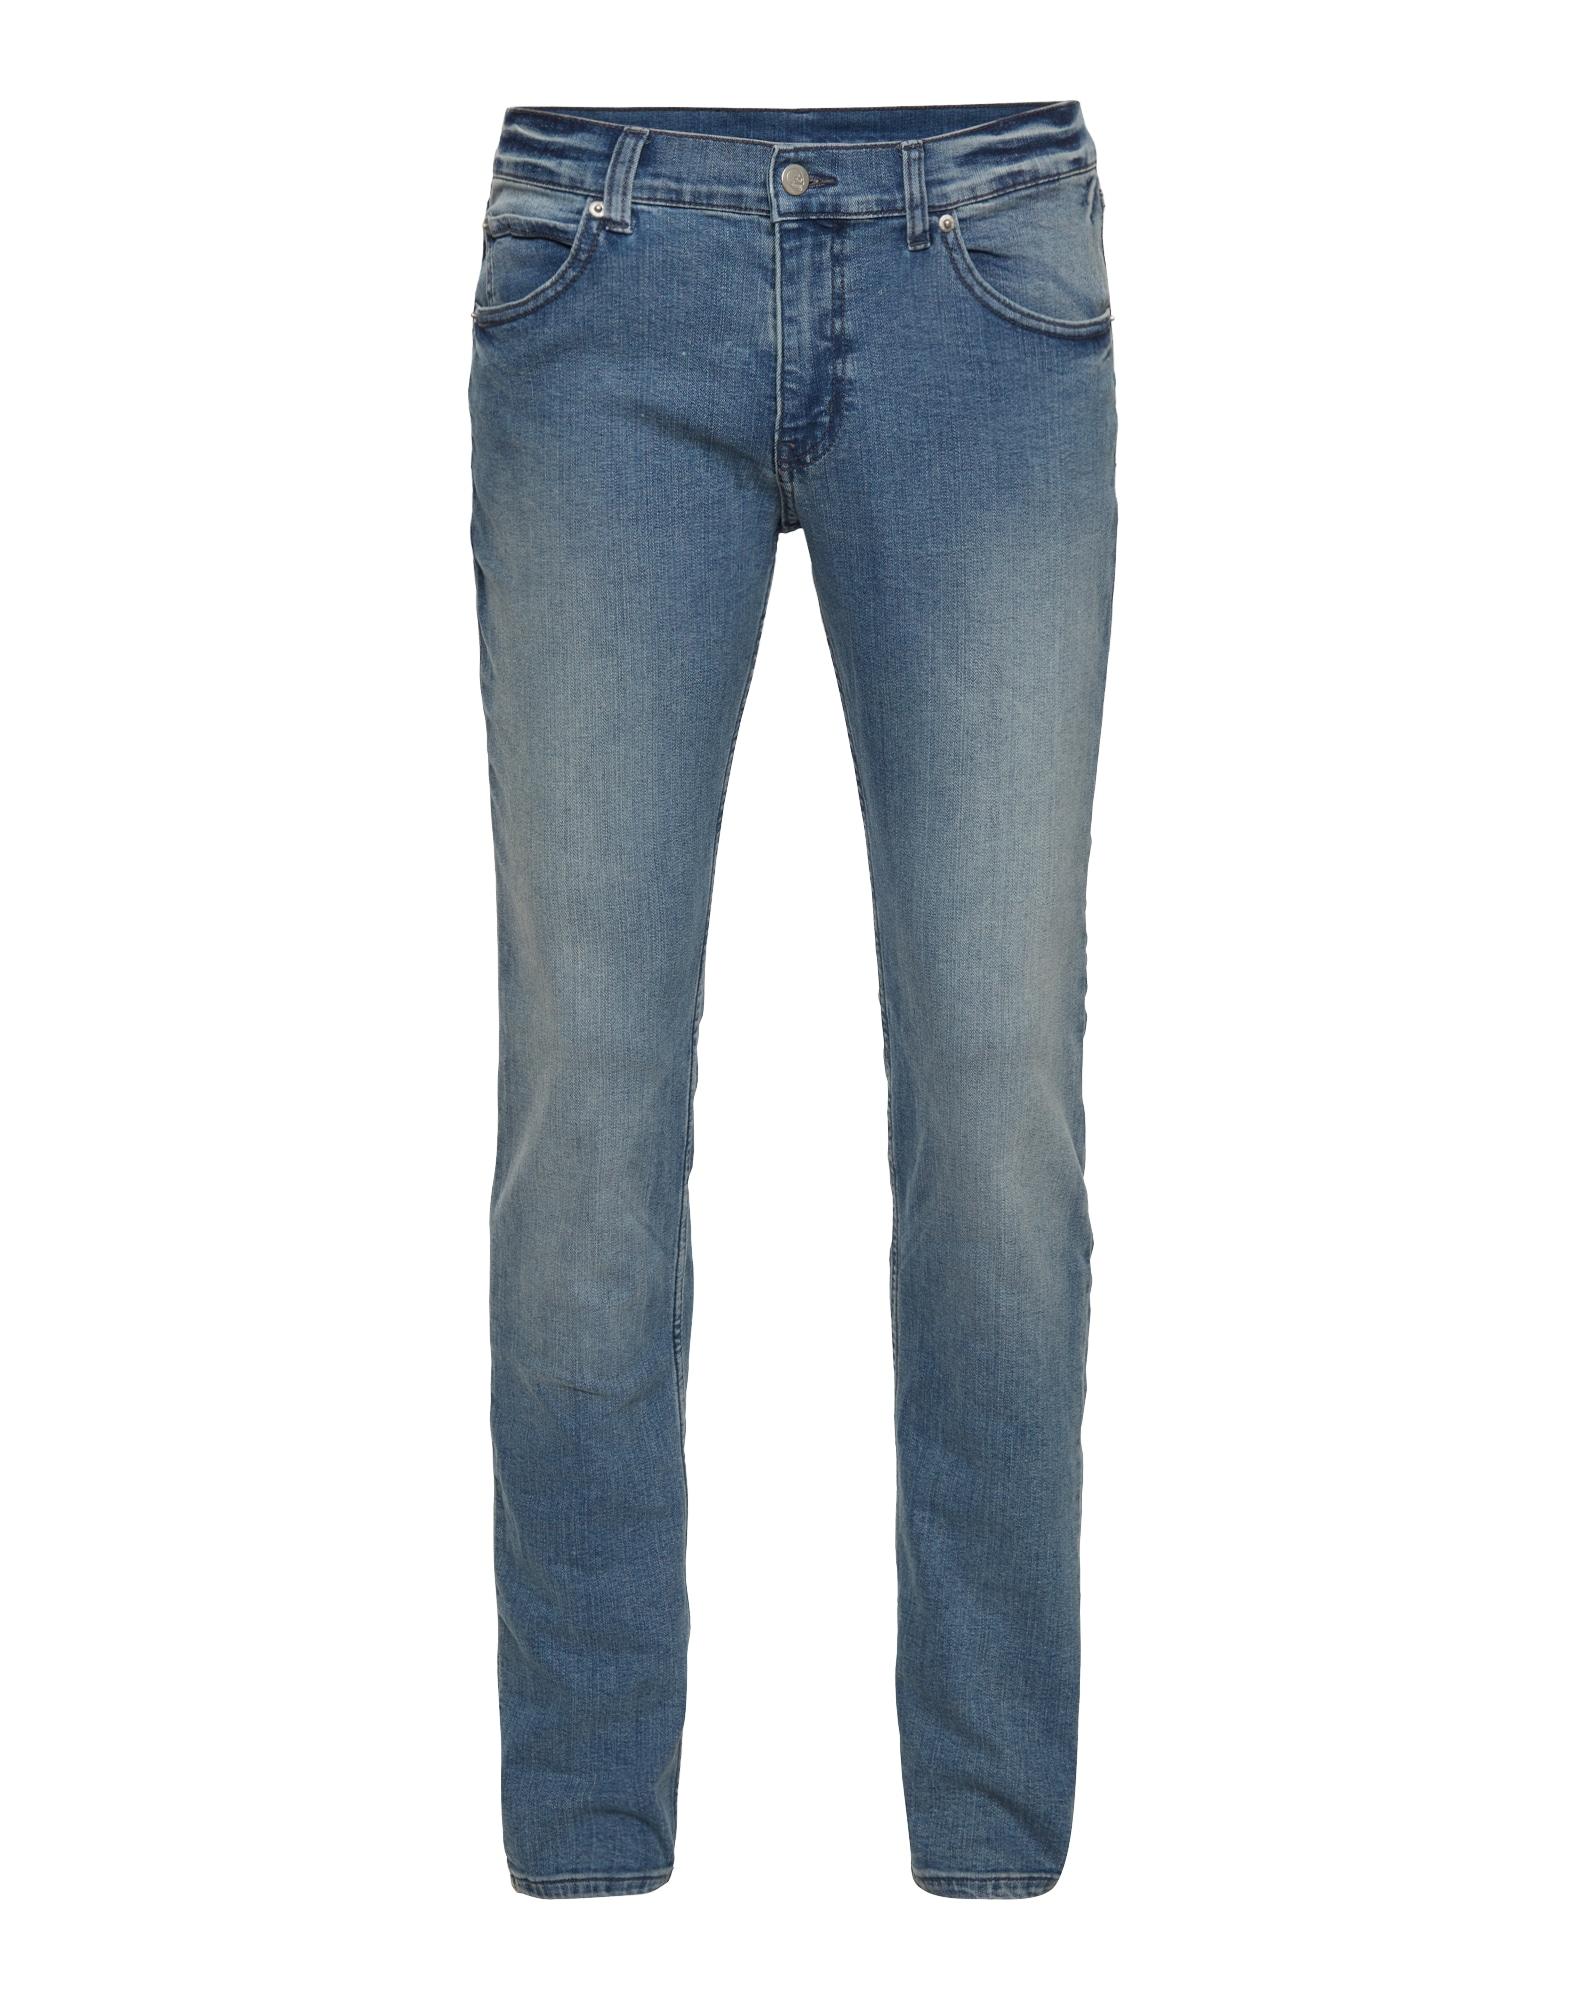 CHEAP MONDAY Heren Jeans blue denim